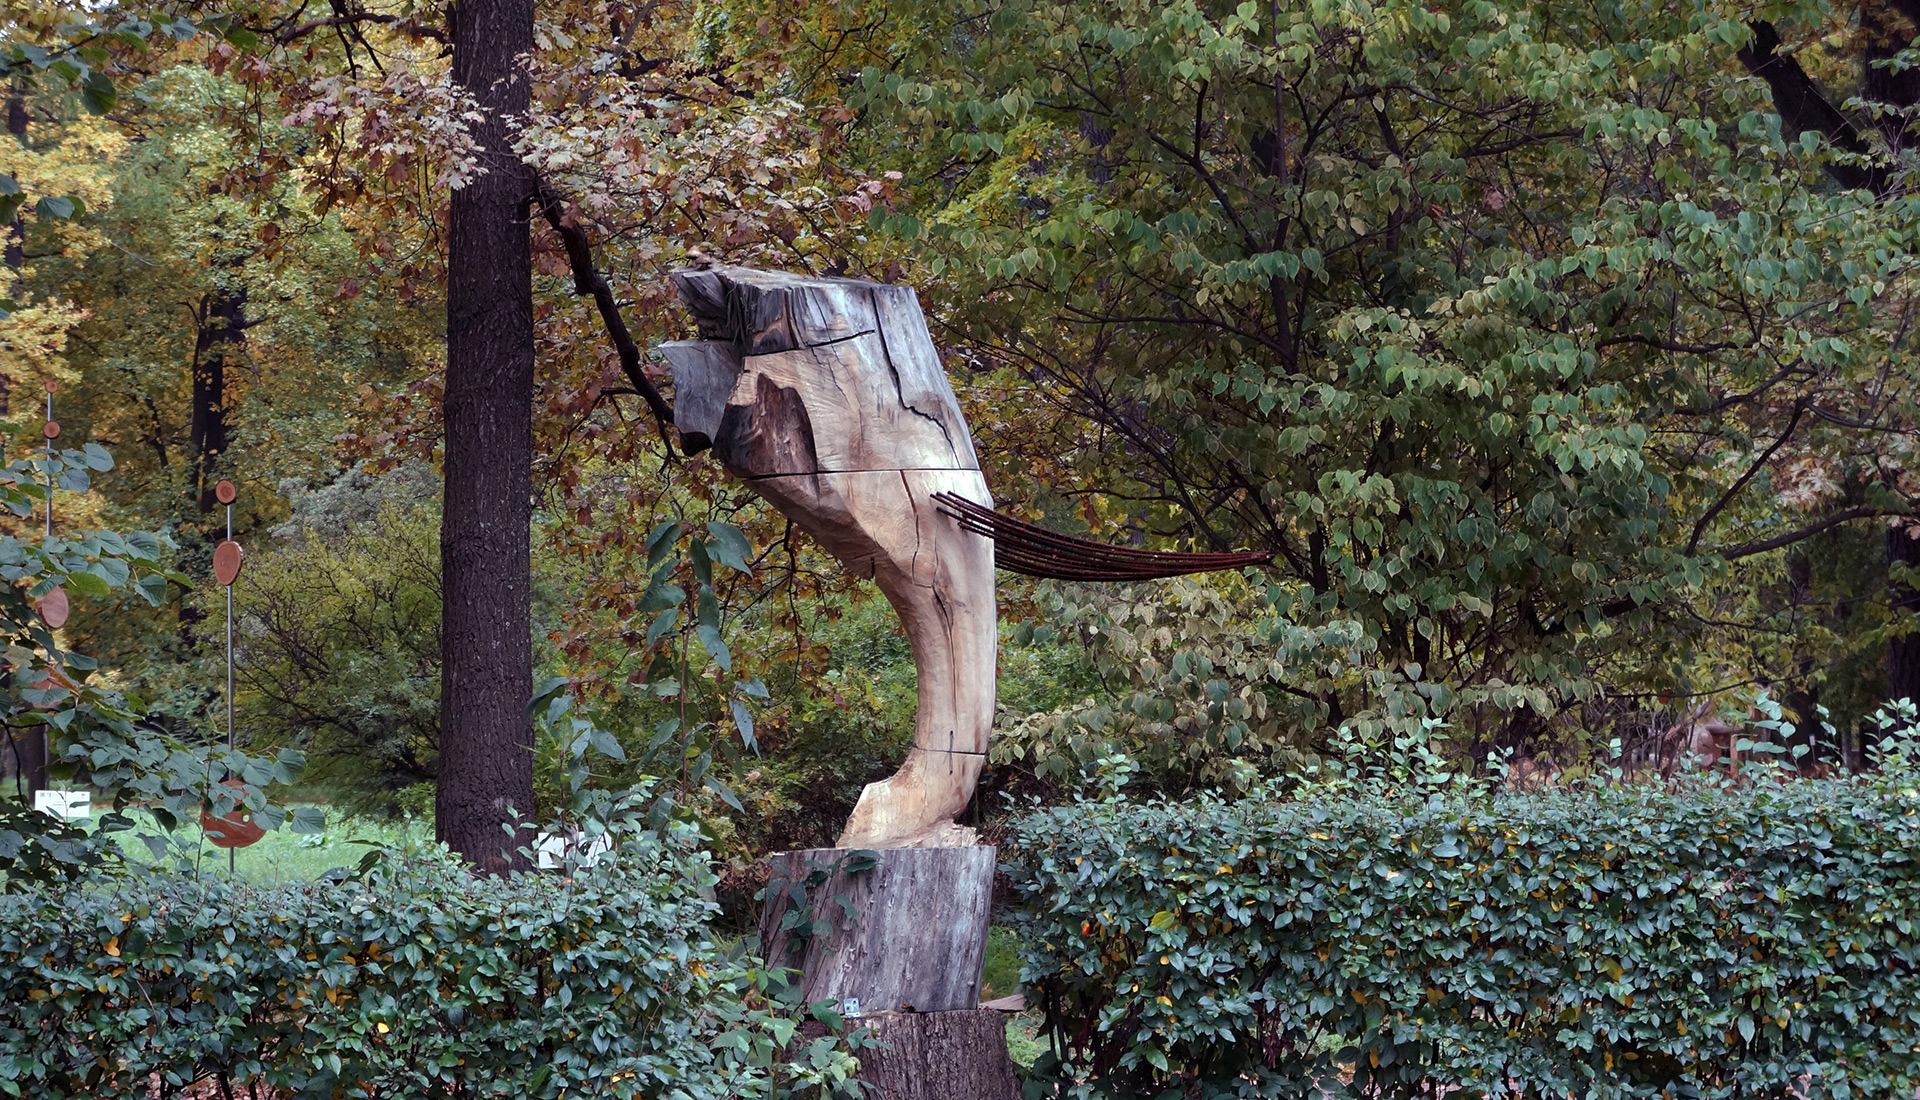 АЛЕКСАНДР КИТ Проектирование и изготовление авторской скульптуры - Александр Кит